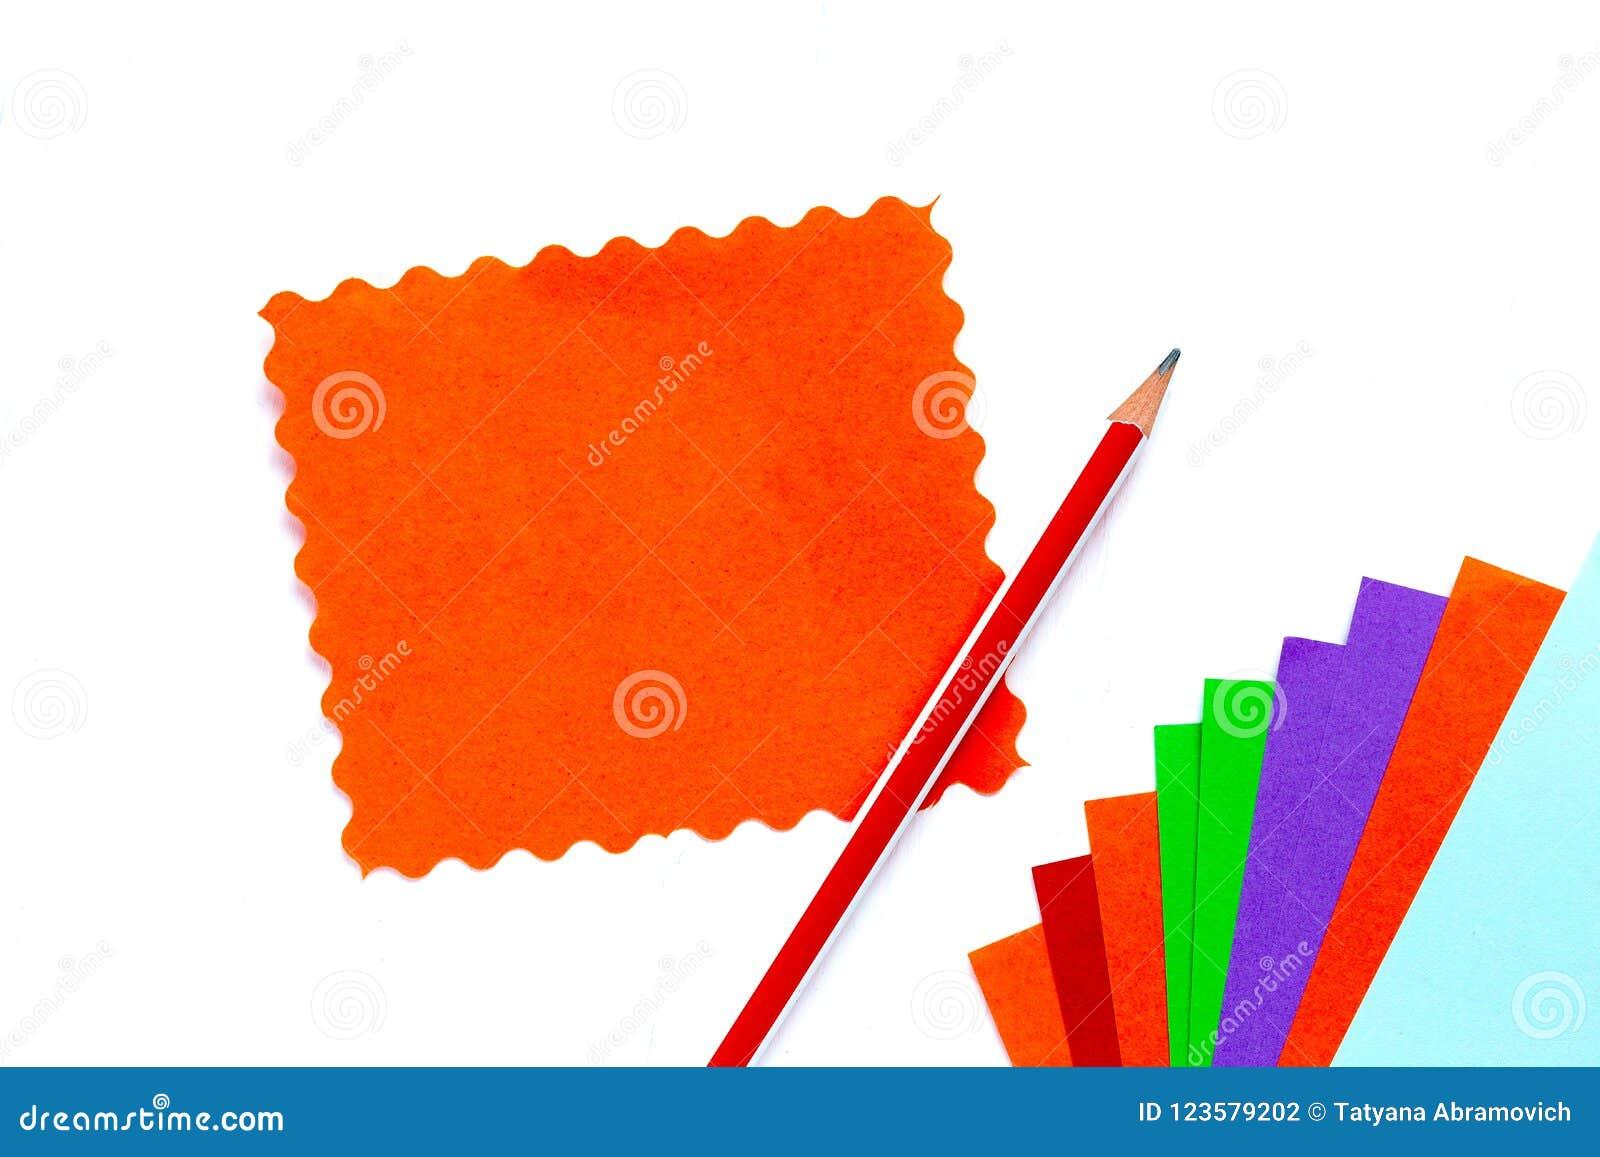 O papel da cor para o origâmi encontra-se com um fã, uma folha de papel alaranjada com uma borda ondulada, um lápis molde